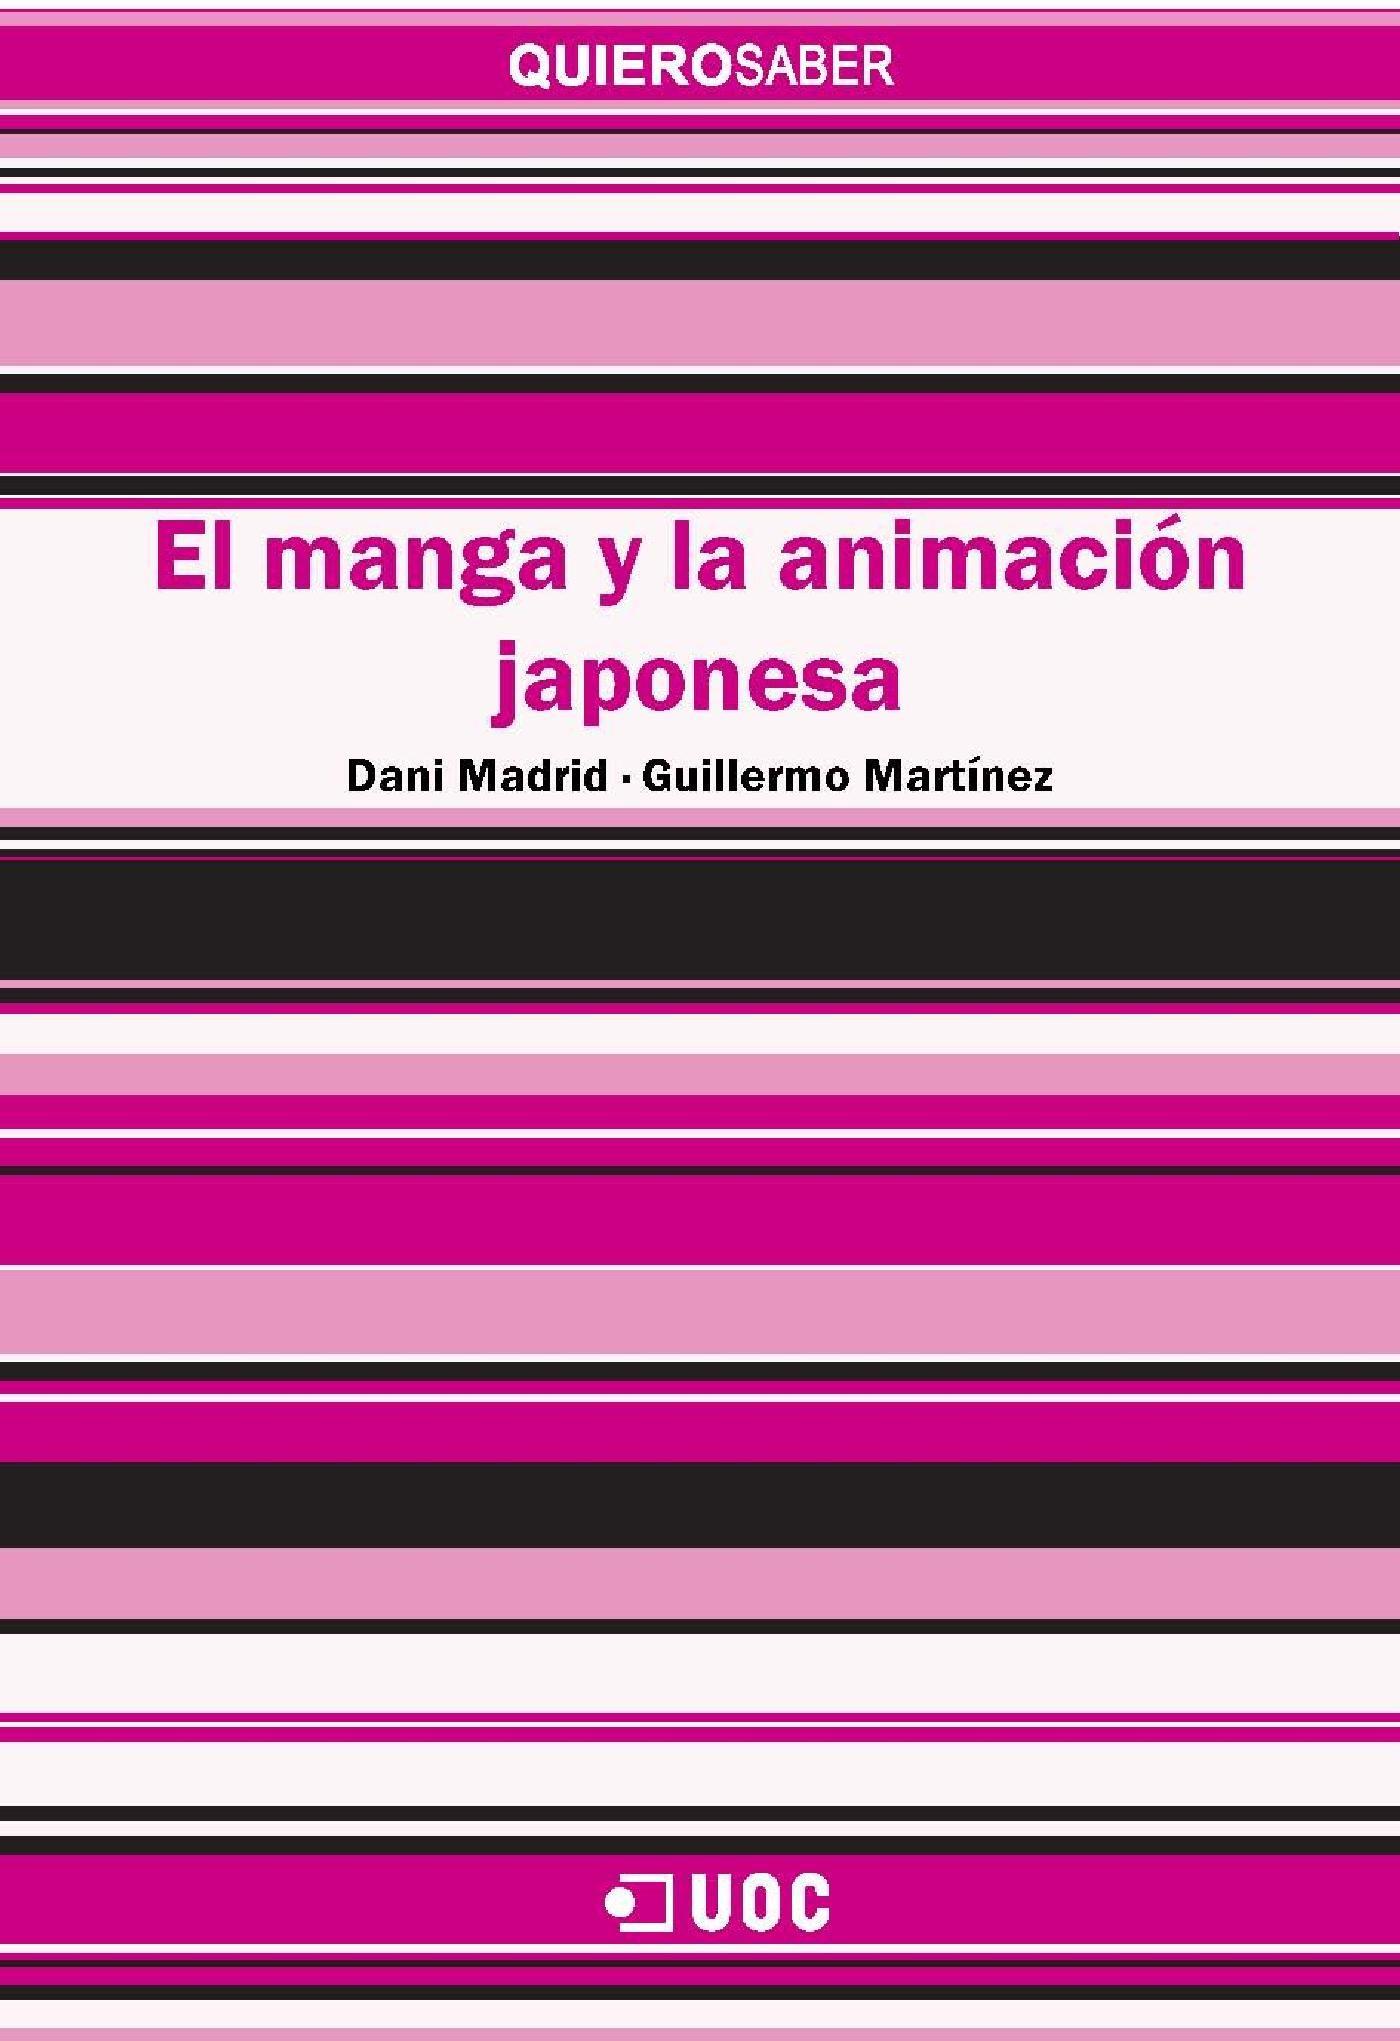 El Manga Y La Animación Japonesa (ebook)dani; Martínez, Guillermo Madrid